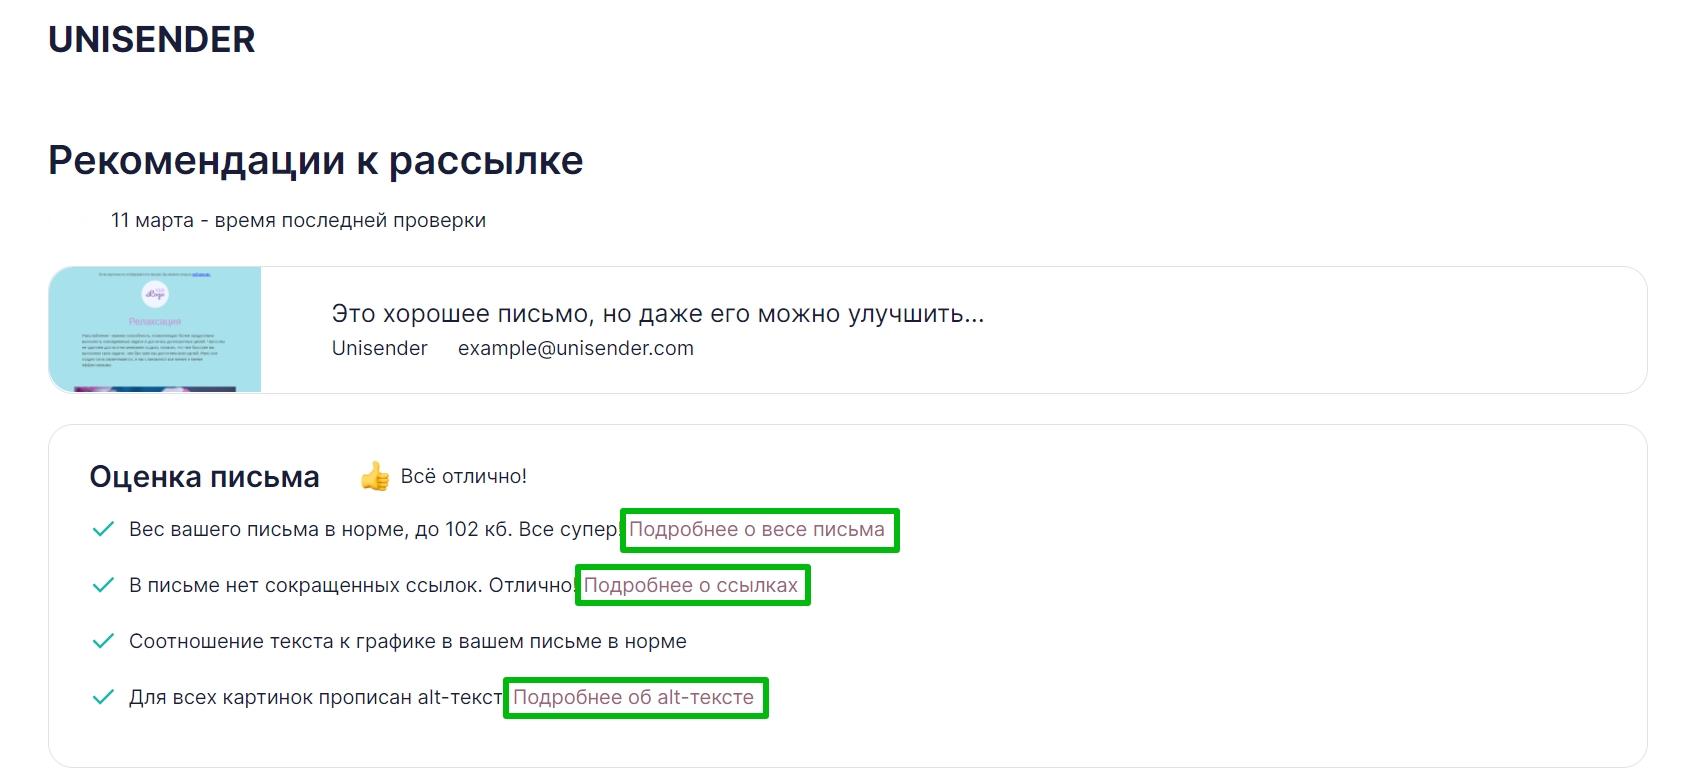 Ссылки на статьи, описывающие распространенные проблемы с оформлением рассылки.